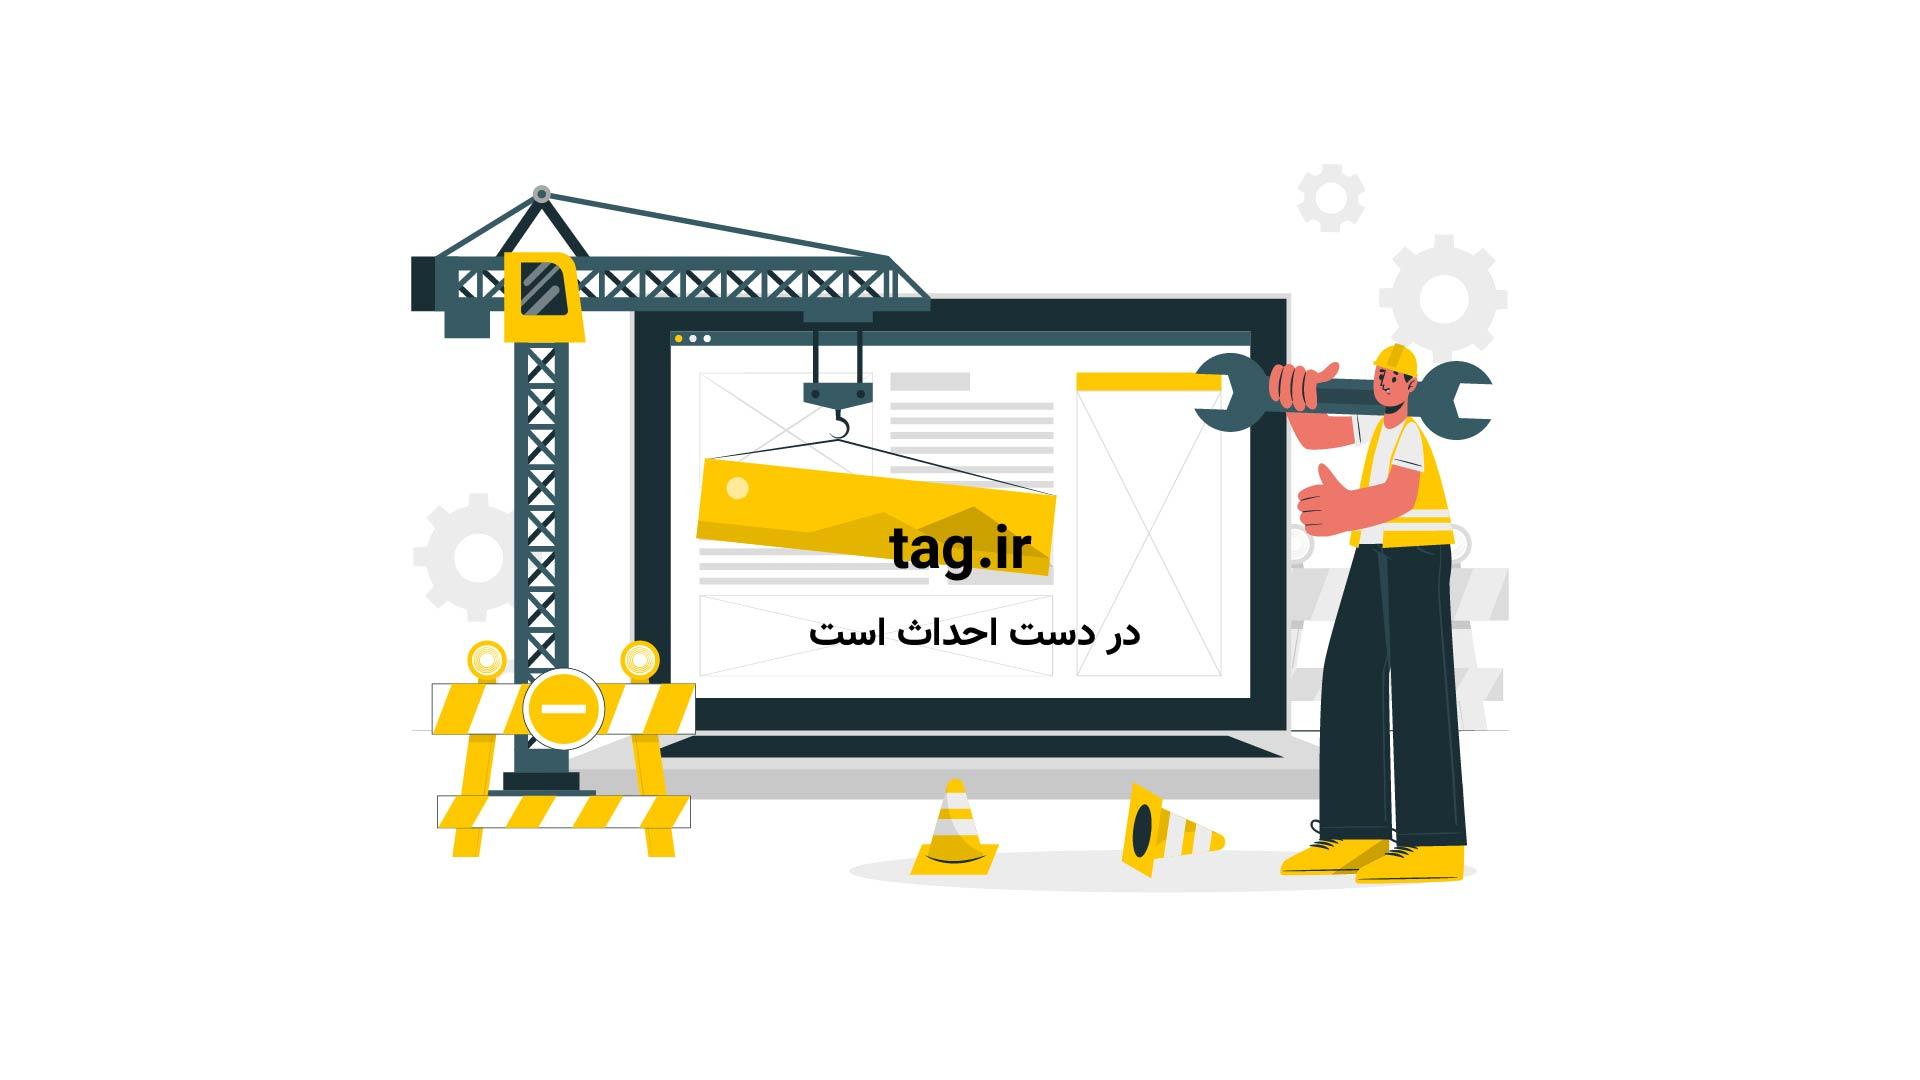 دونه برف با استفاده از کاغذ | تگ